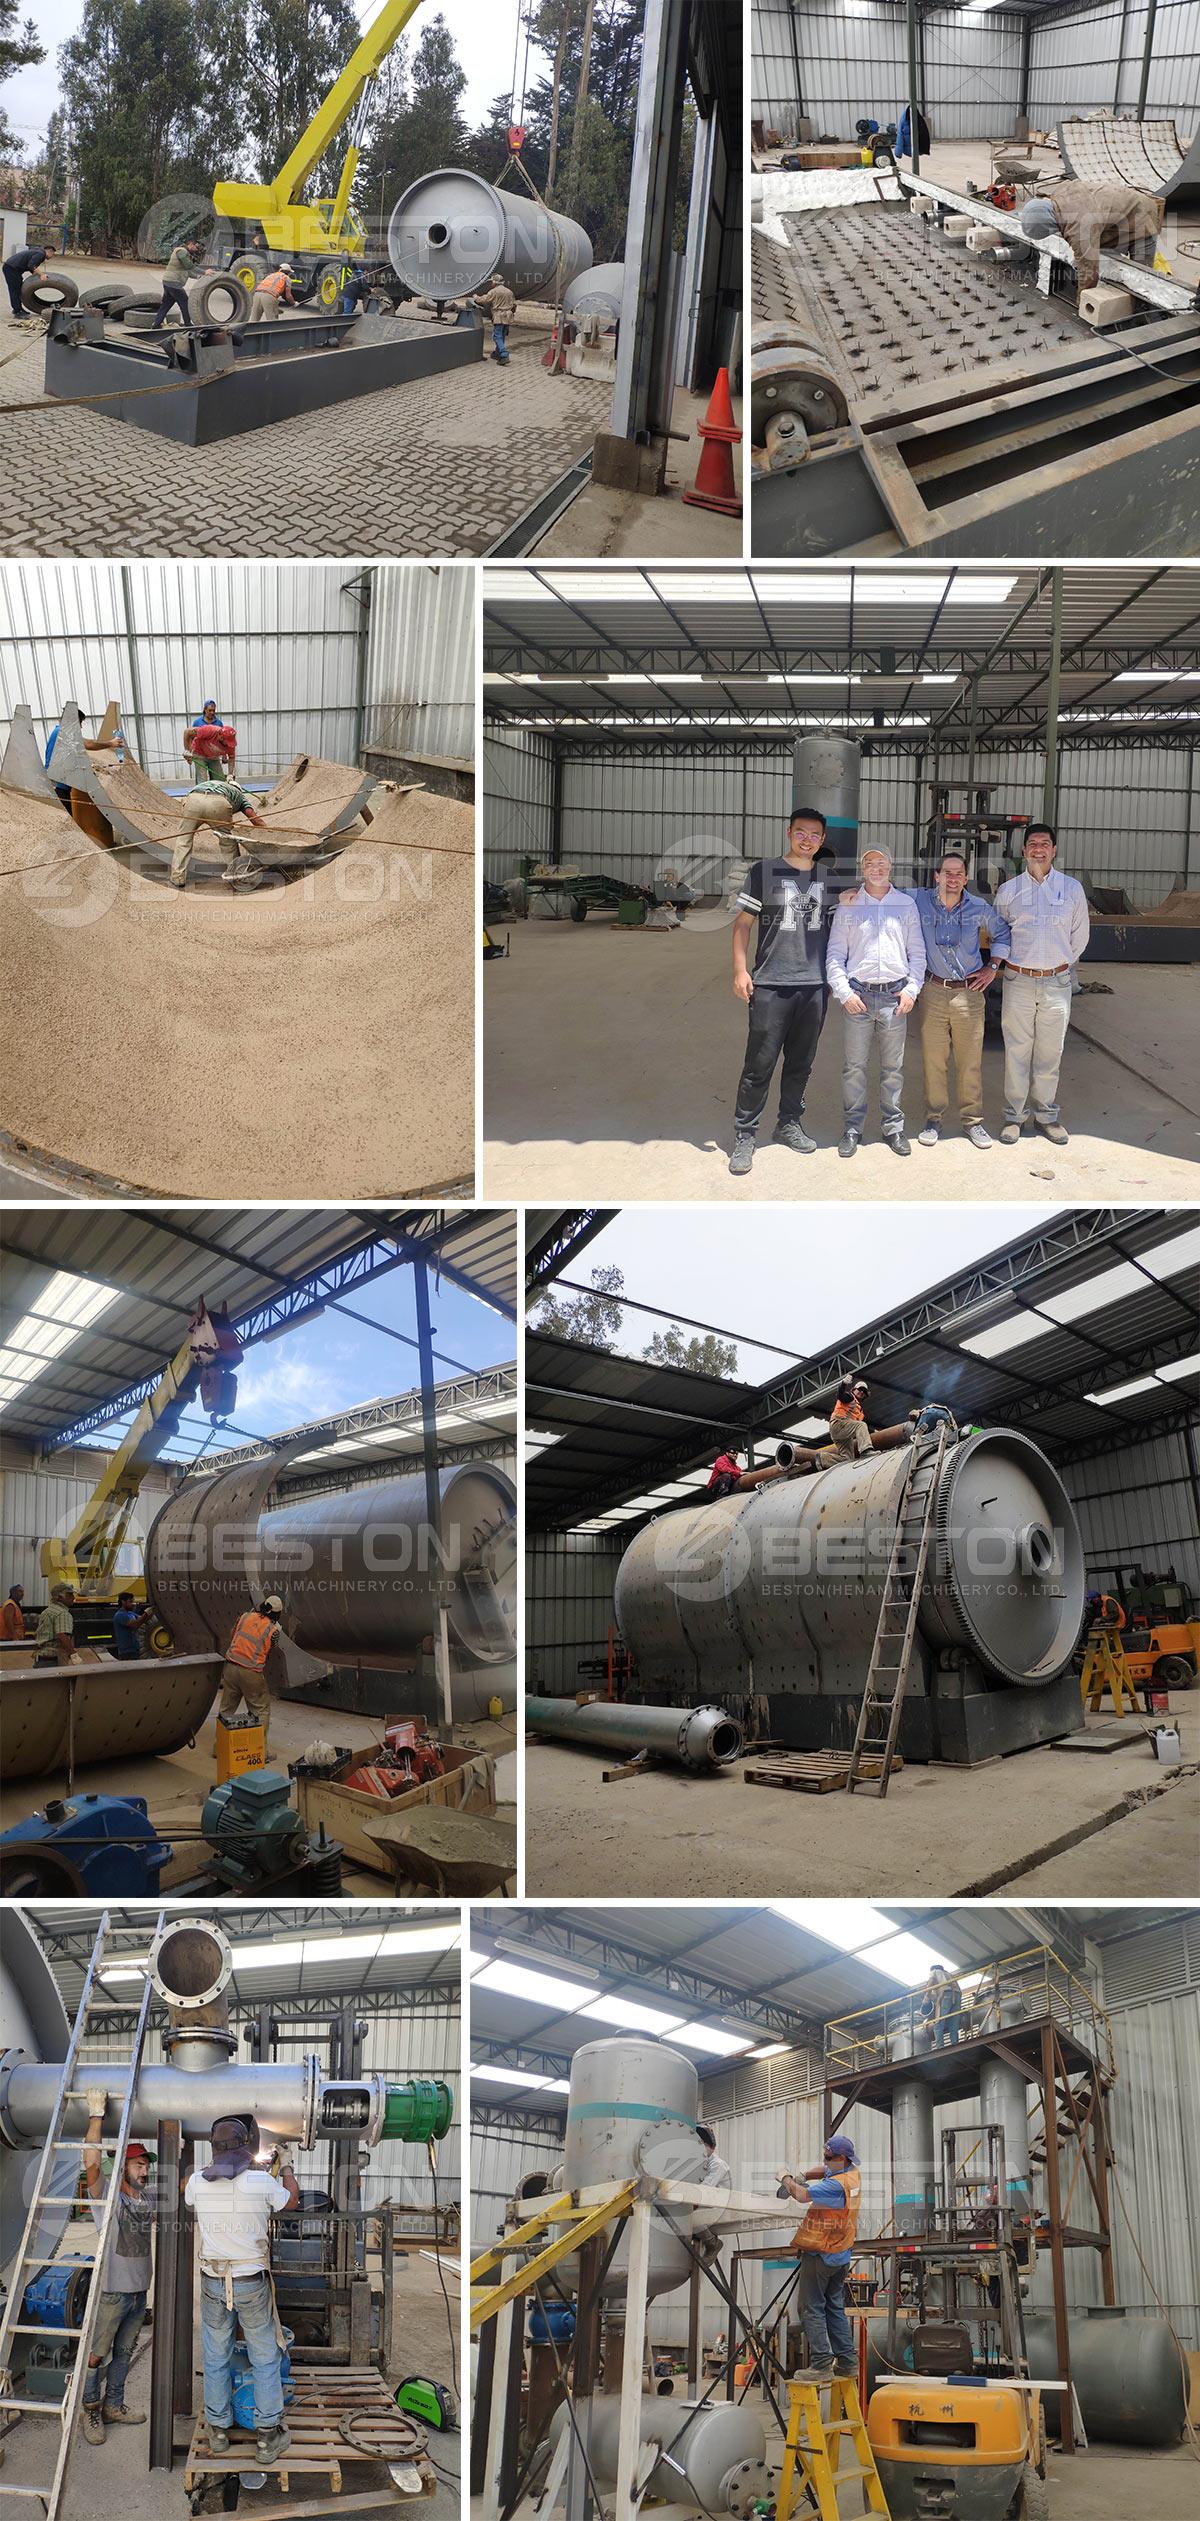 Beston Waste Pyrolysis Machine Installed in Chile